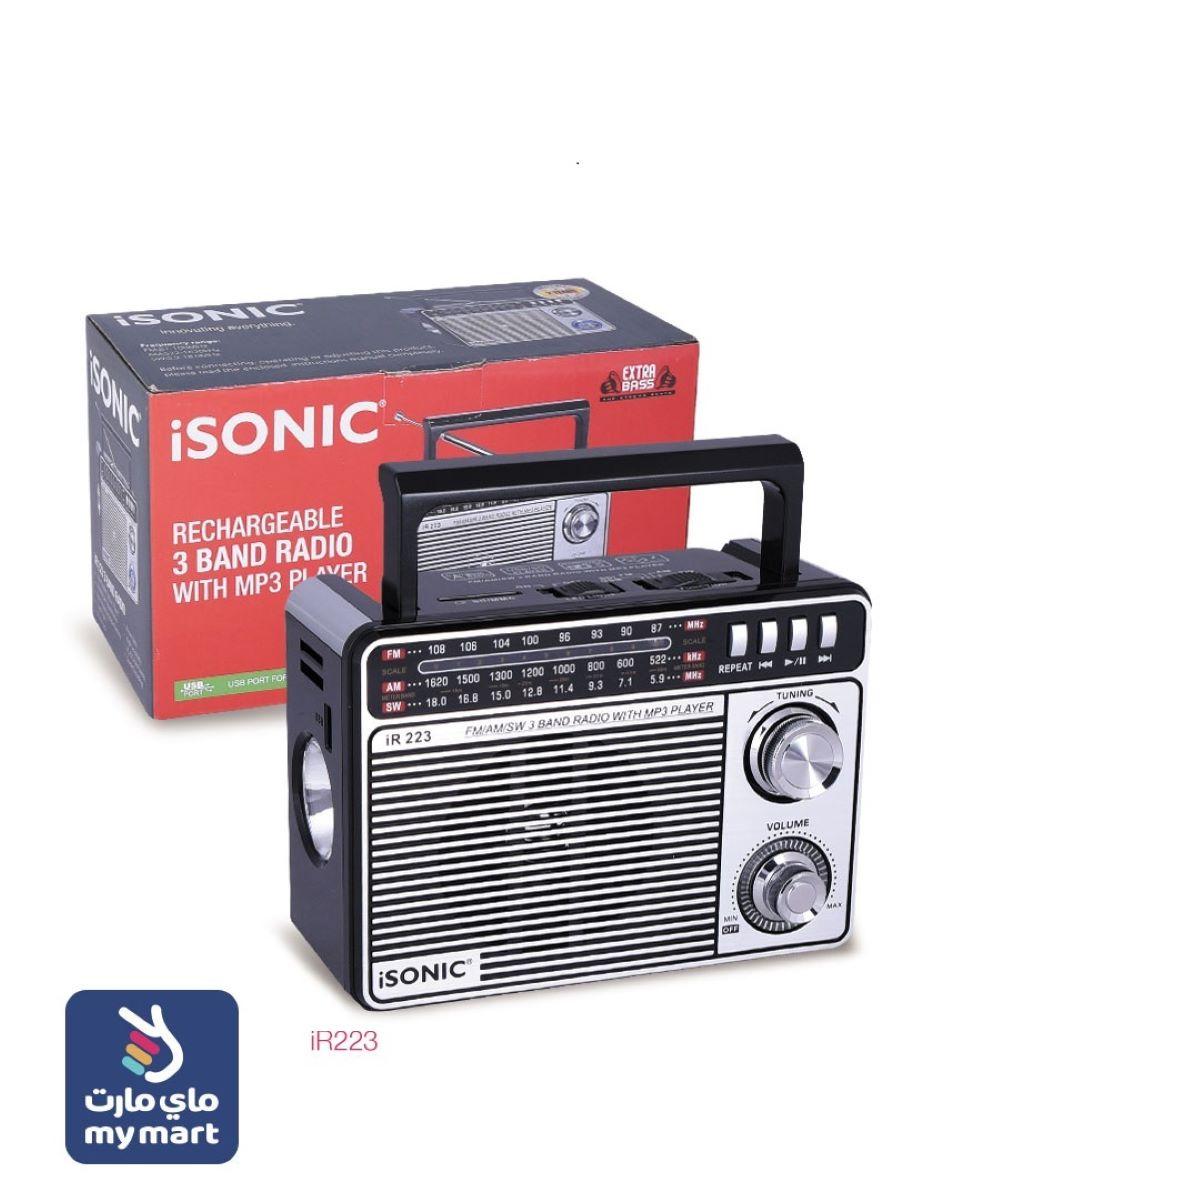 راديو قابل للشحن مع مشغل MP3 , ايسونيك موديل IR 223